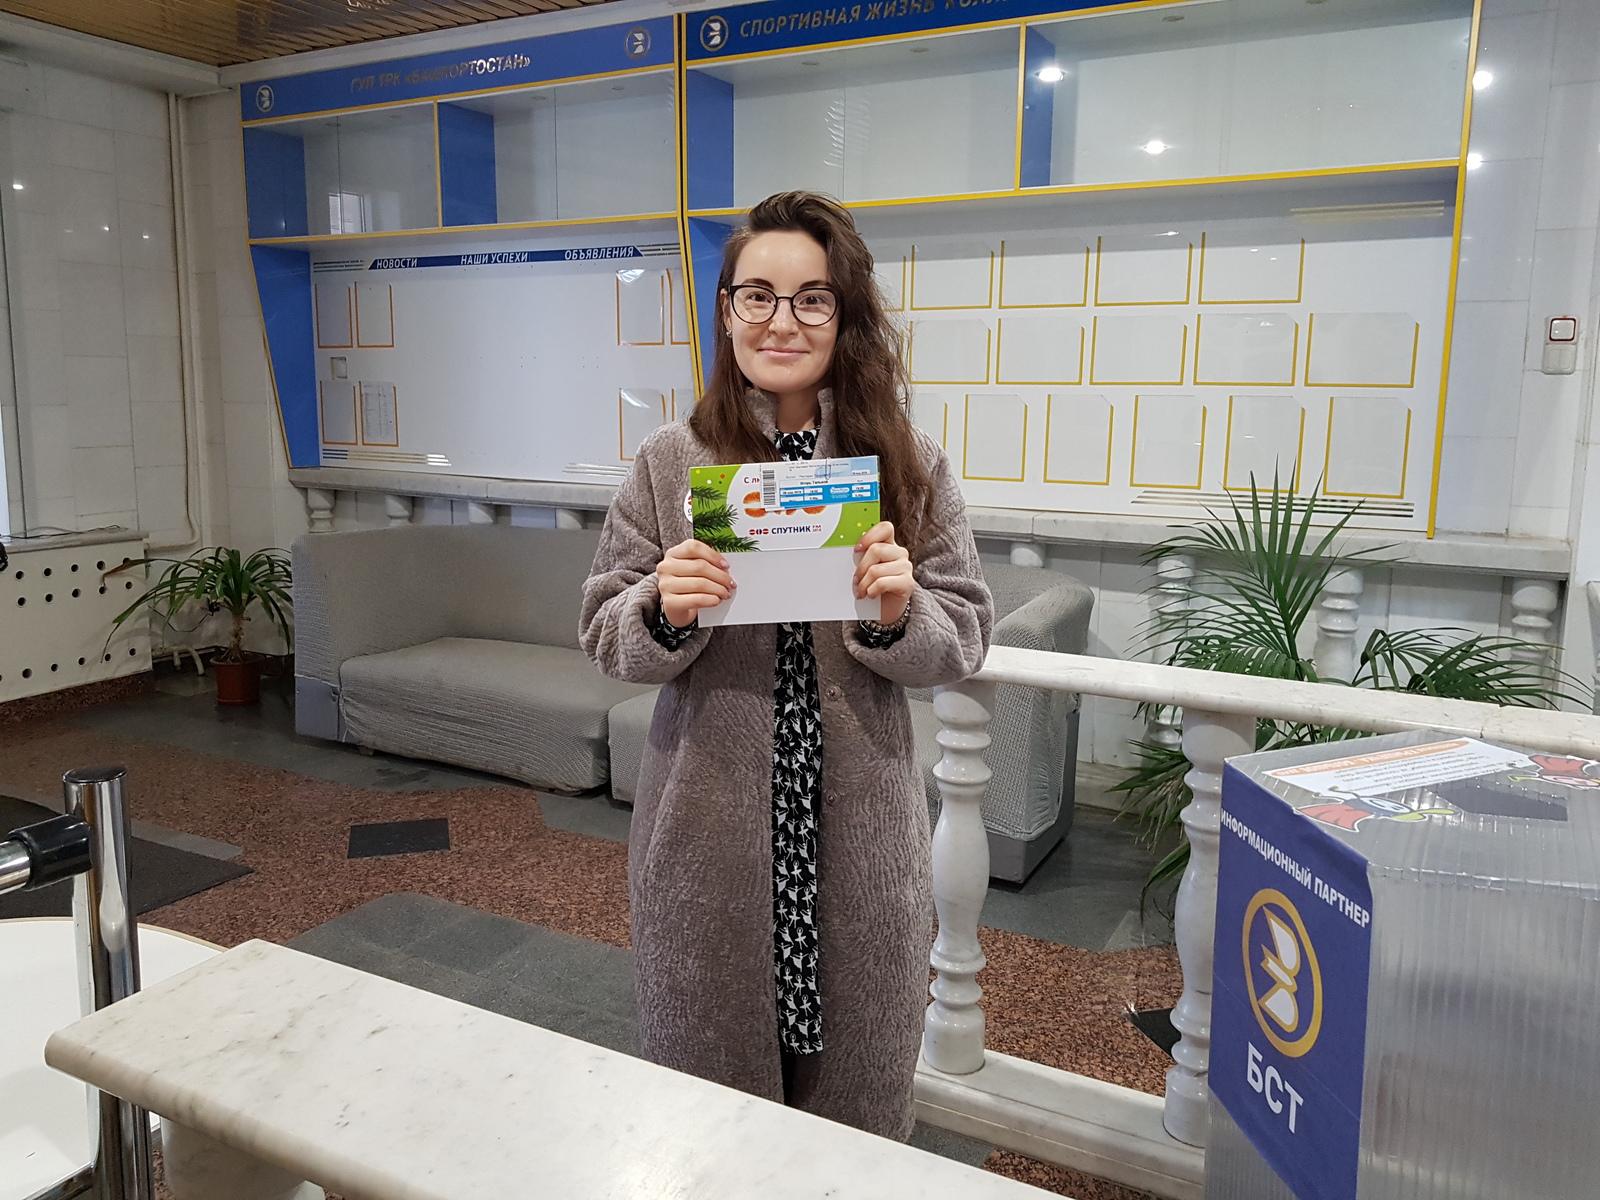 Руфина Салимова слушает Спутник ФМ